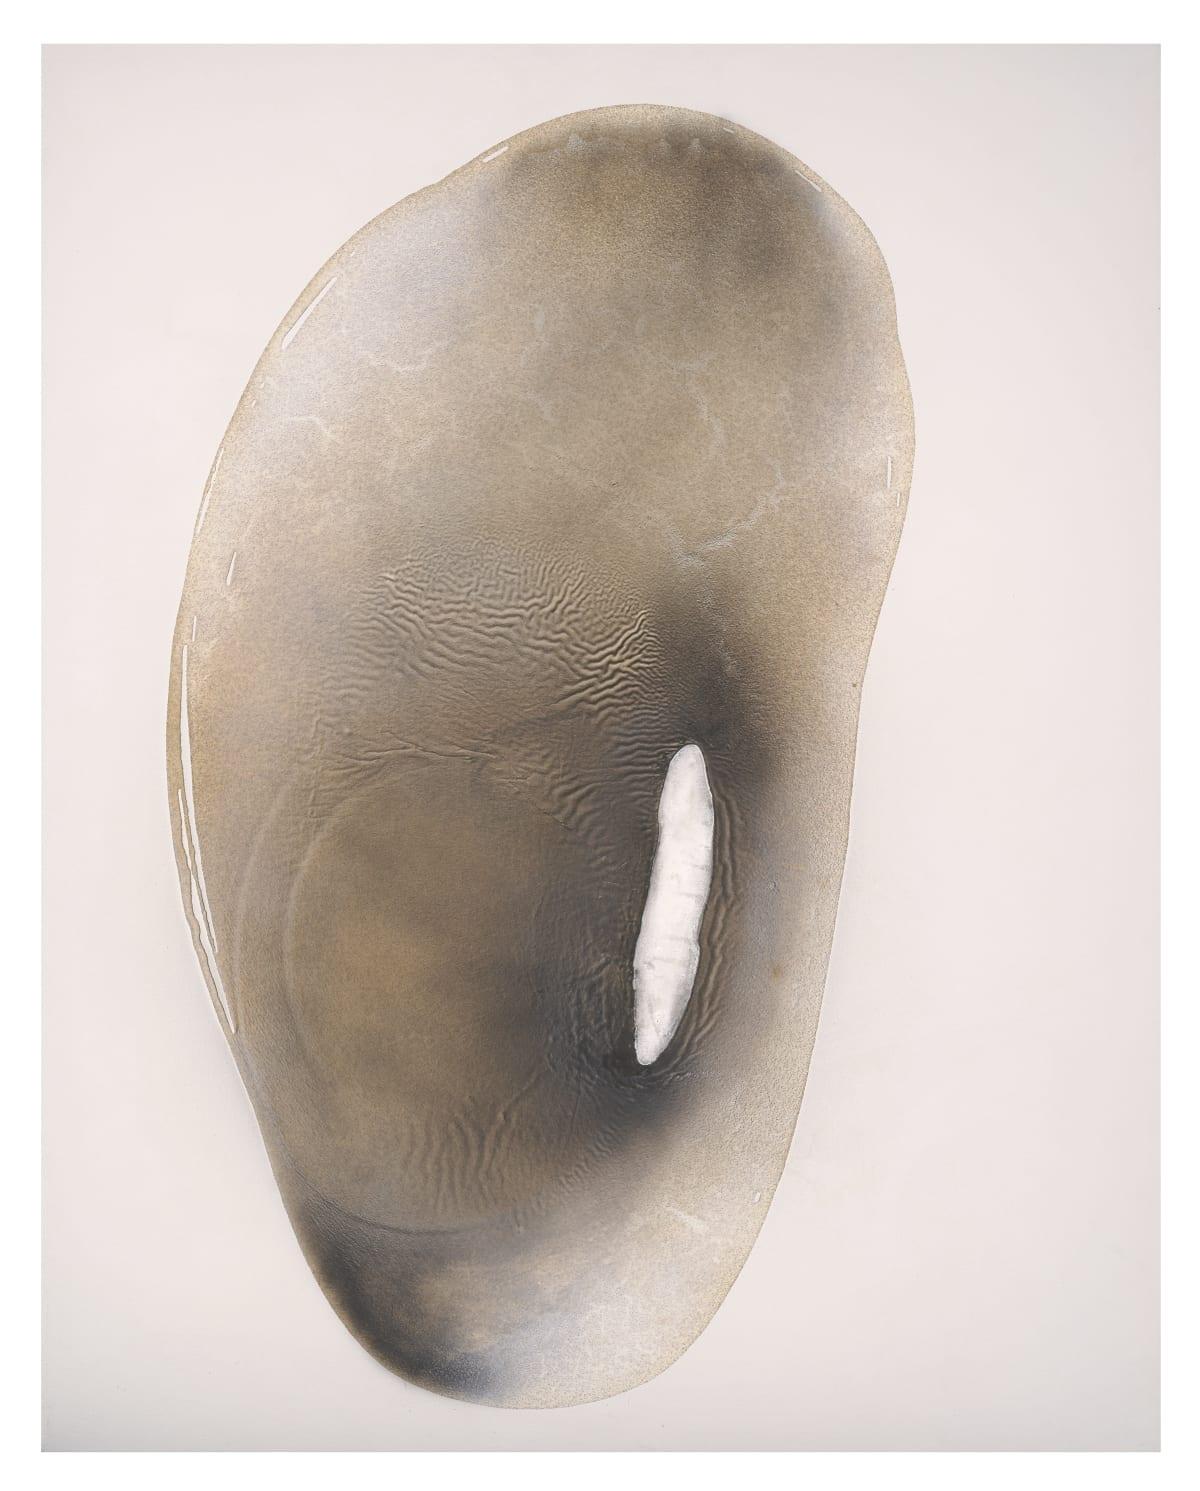 Stella Zhang 張爽, 0-Viewpoint-5-19 0-視點-5-19, 2011